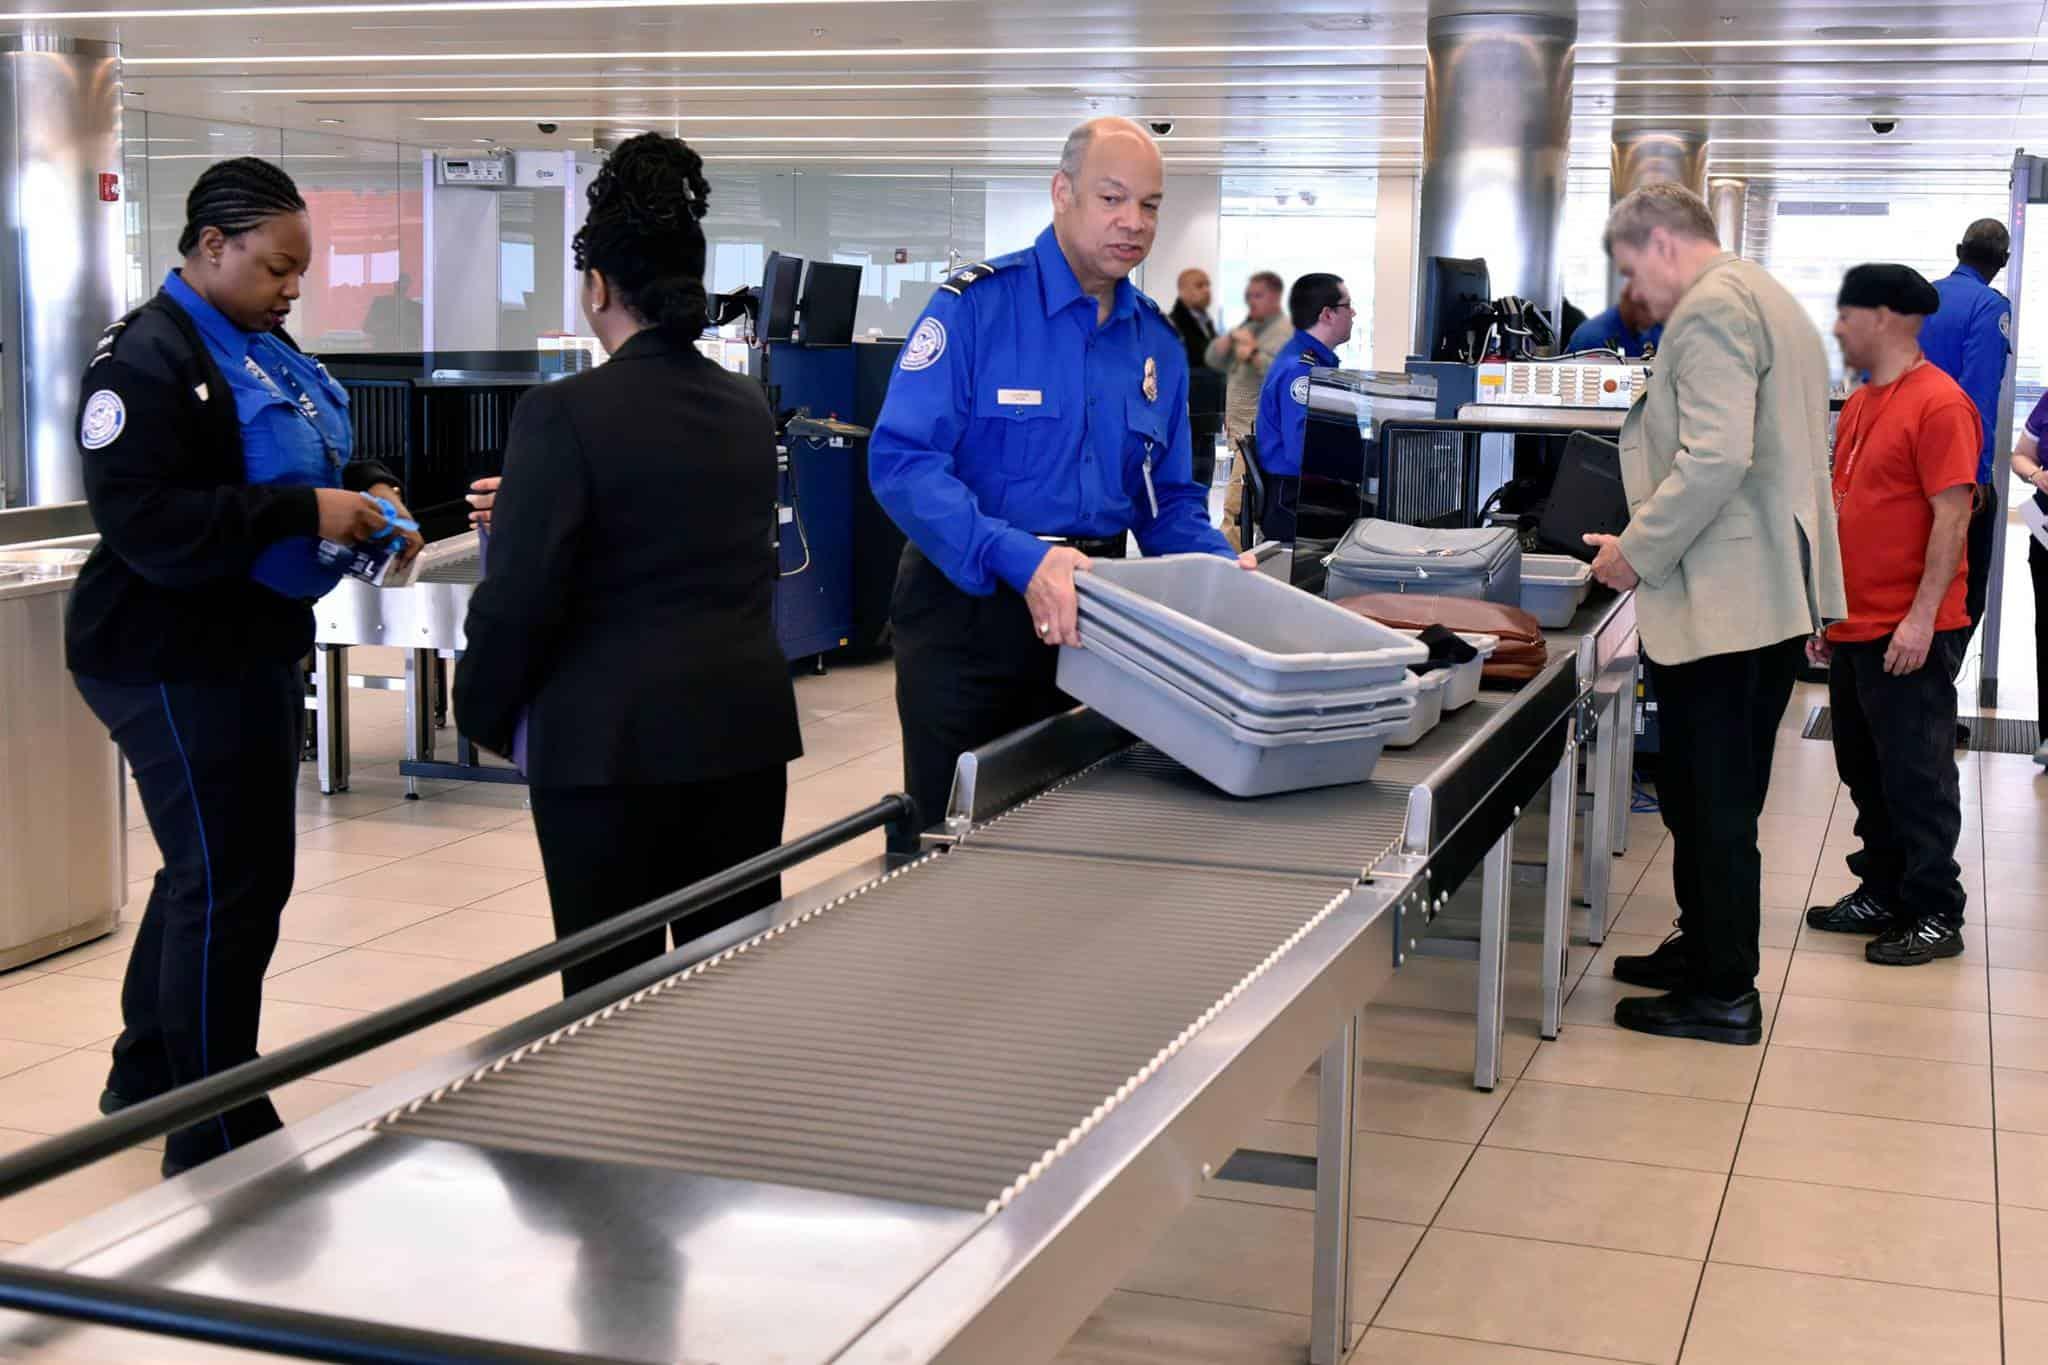 La TSA veut complètement enlever tous les contrôles de sécurité dans 34% des aéroports américains